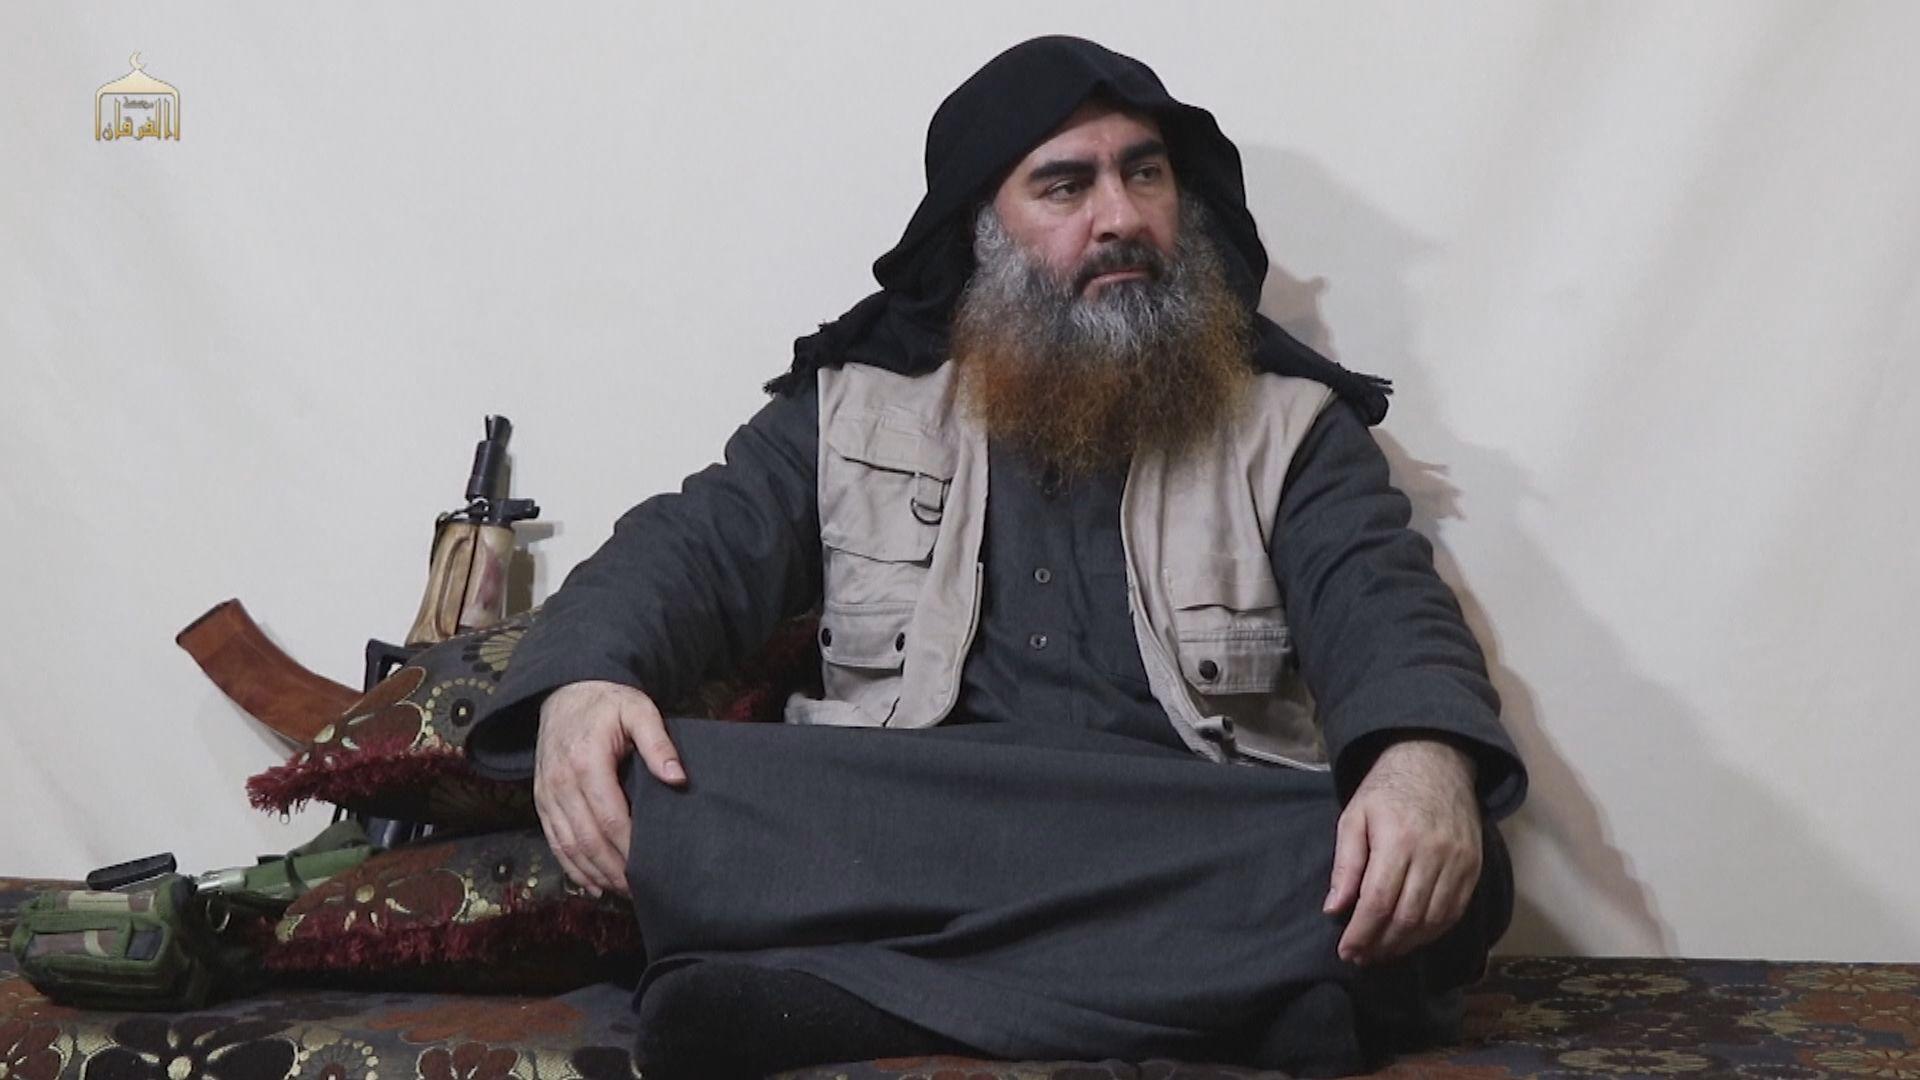 【新聞智庫】巴格達迪誓言復仇 伊斯蘭國新戰場何在?